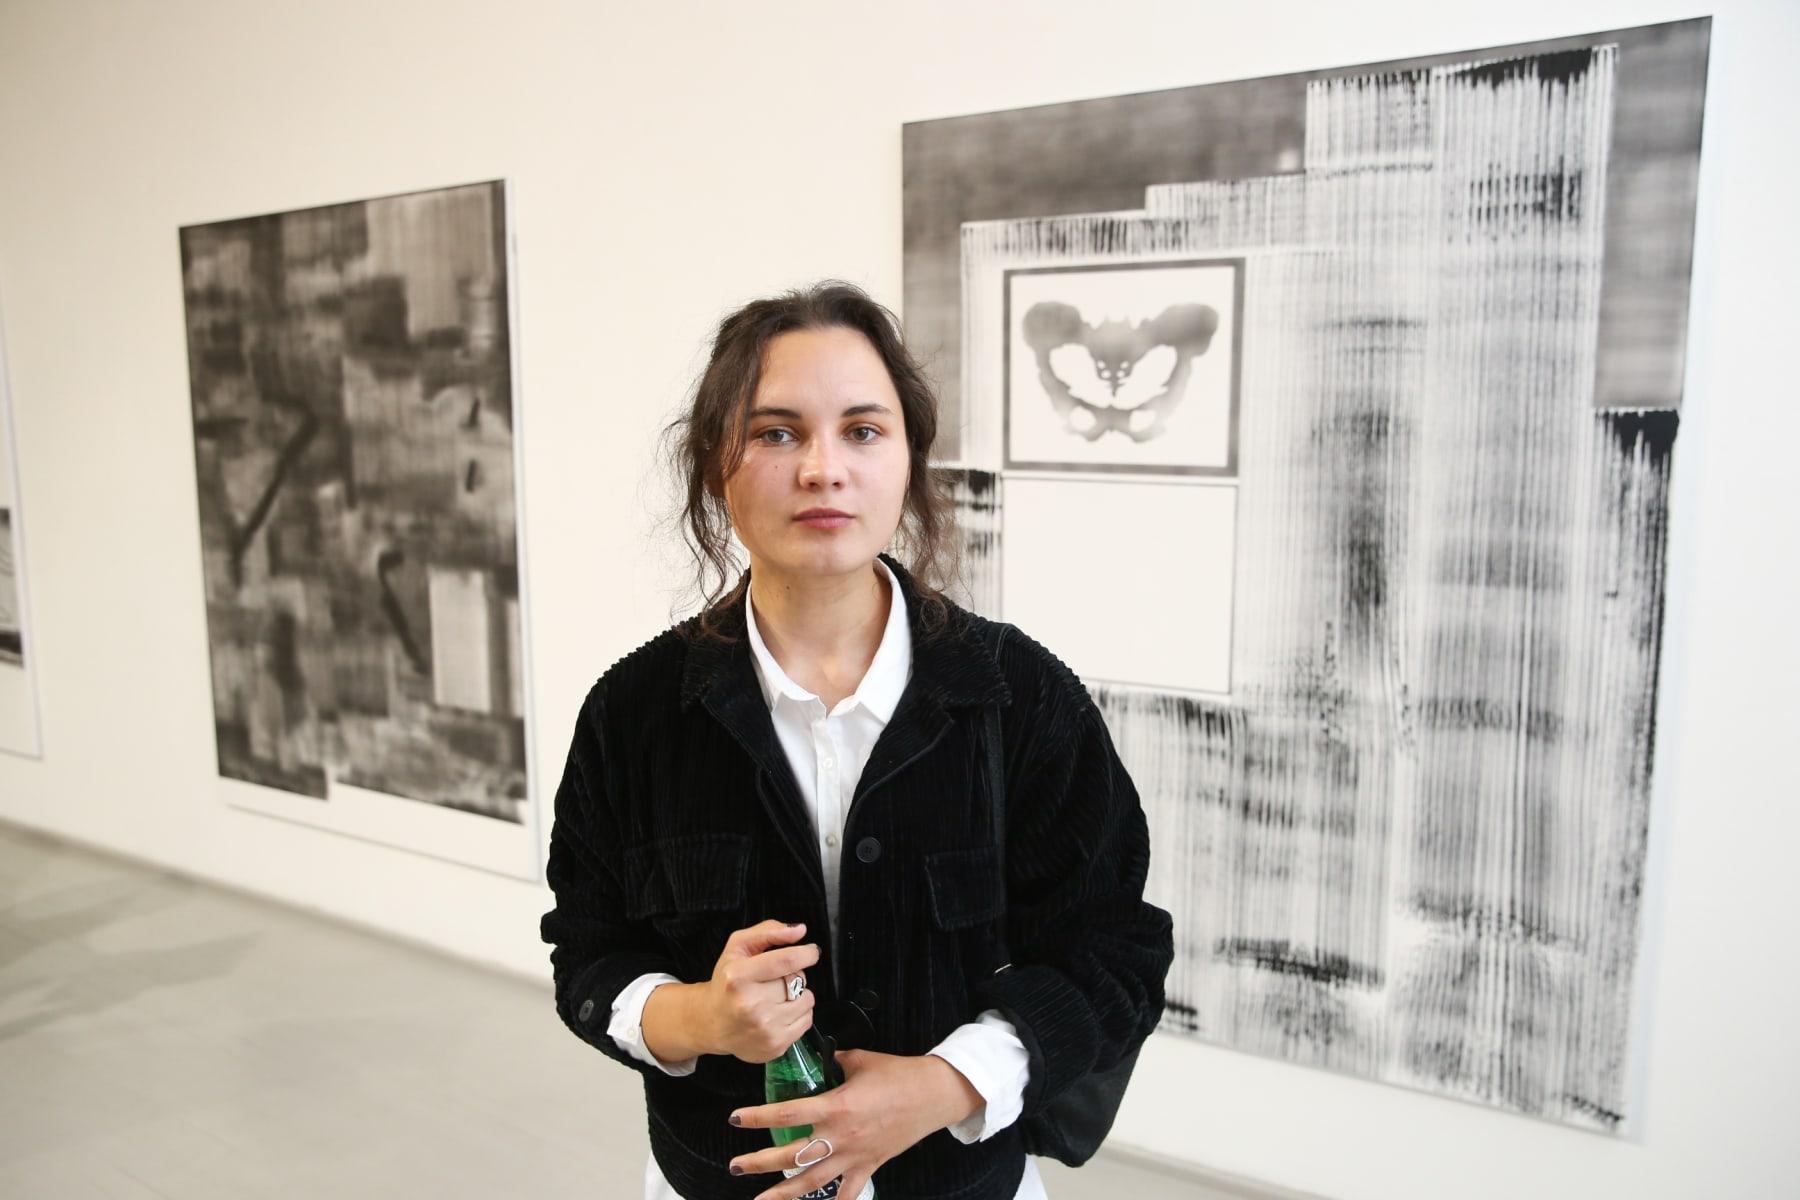 Galerija Vartai, Vilnius 2019 Gabrielė Adomaitytė at the opening of her solo exhibition